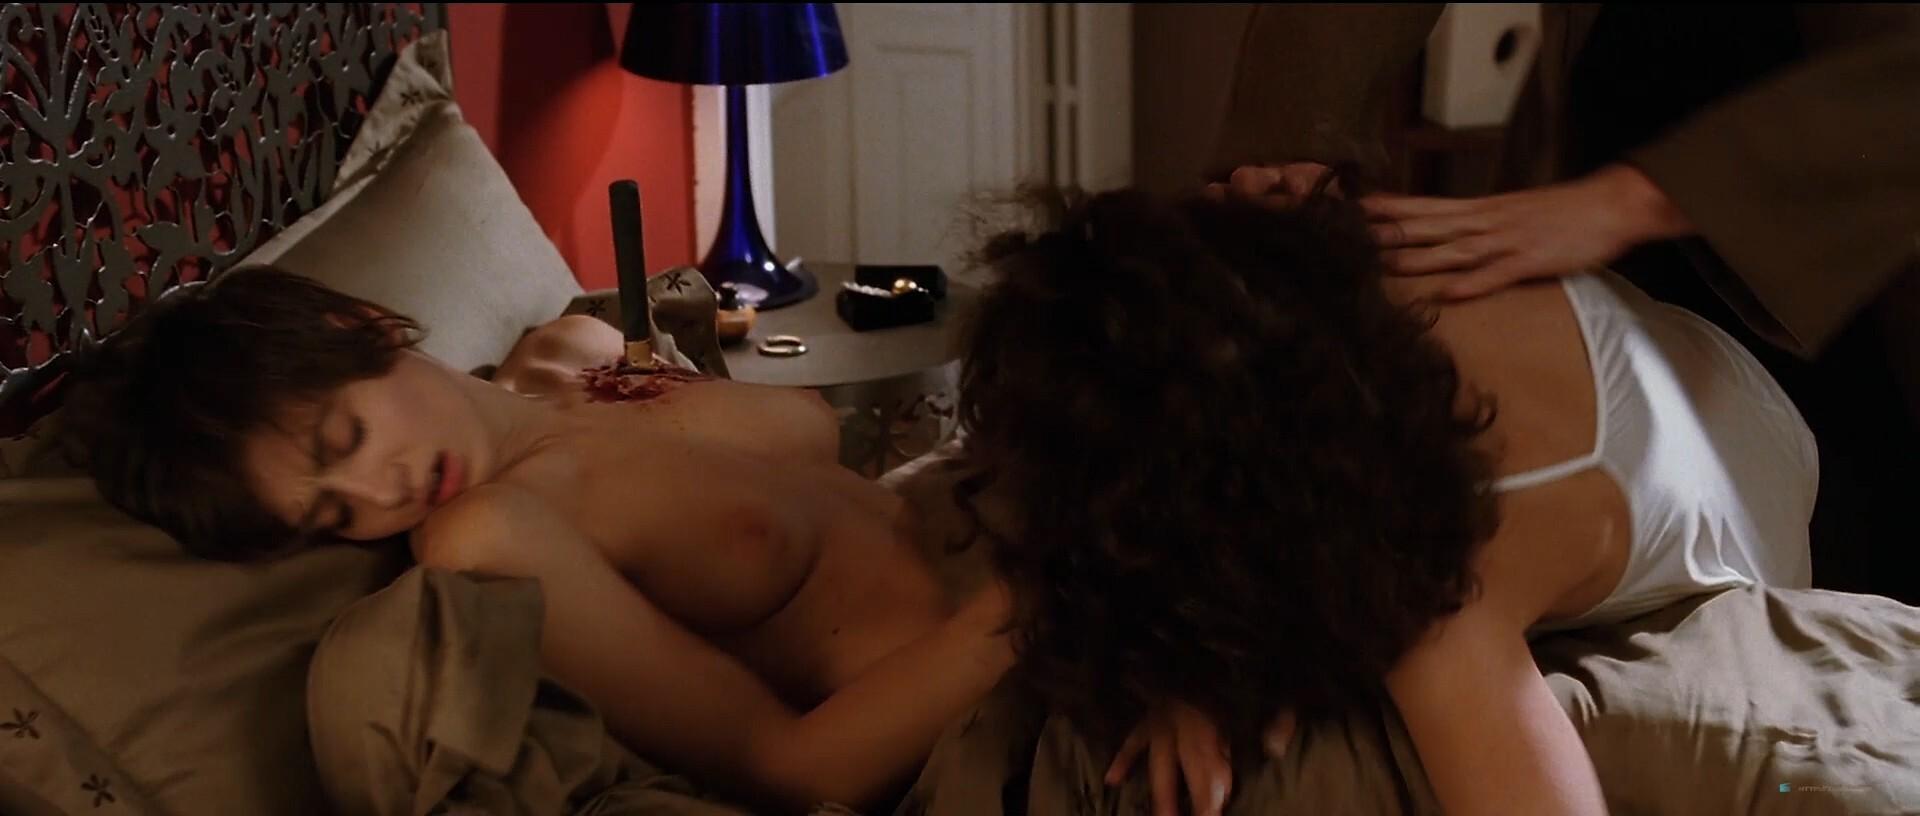 La terza madre (2007).jpg